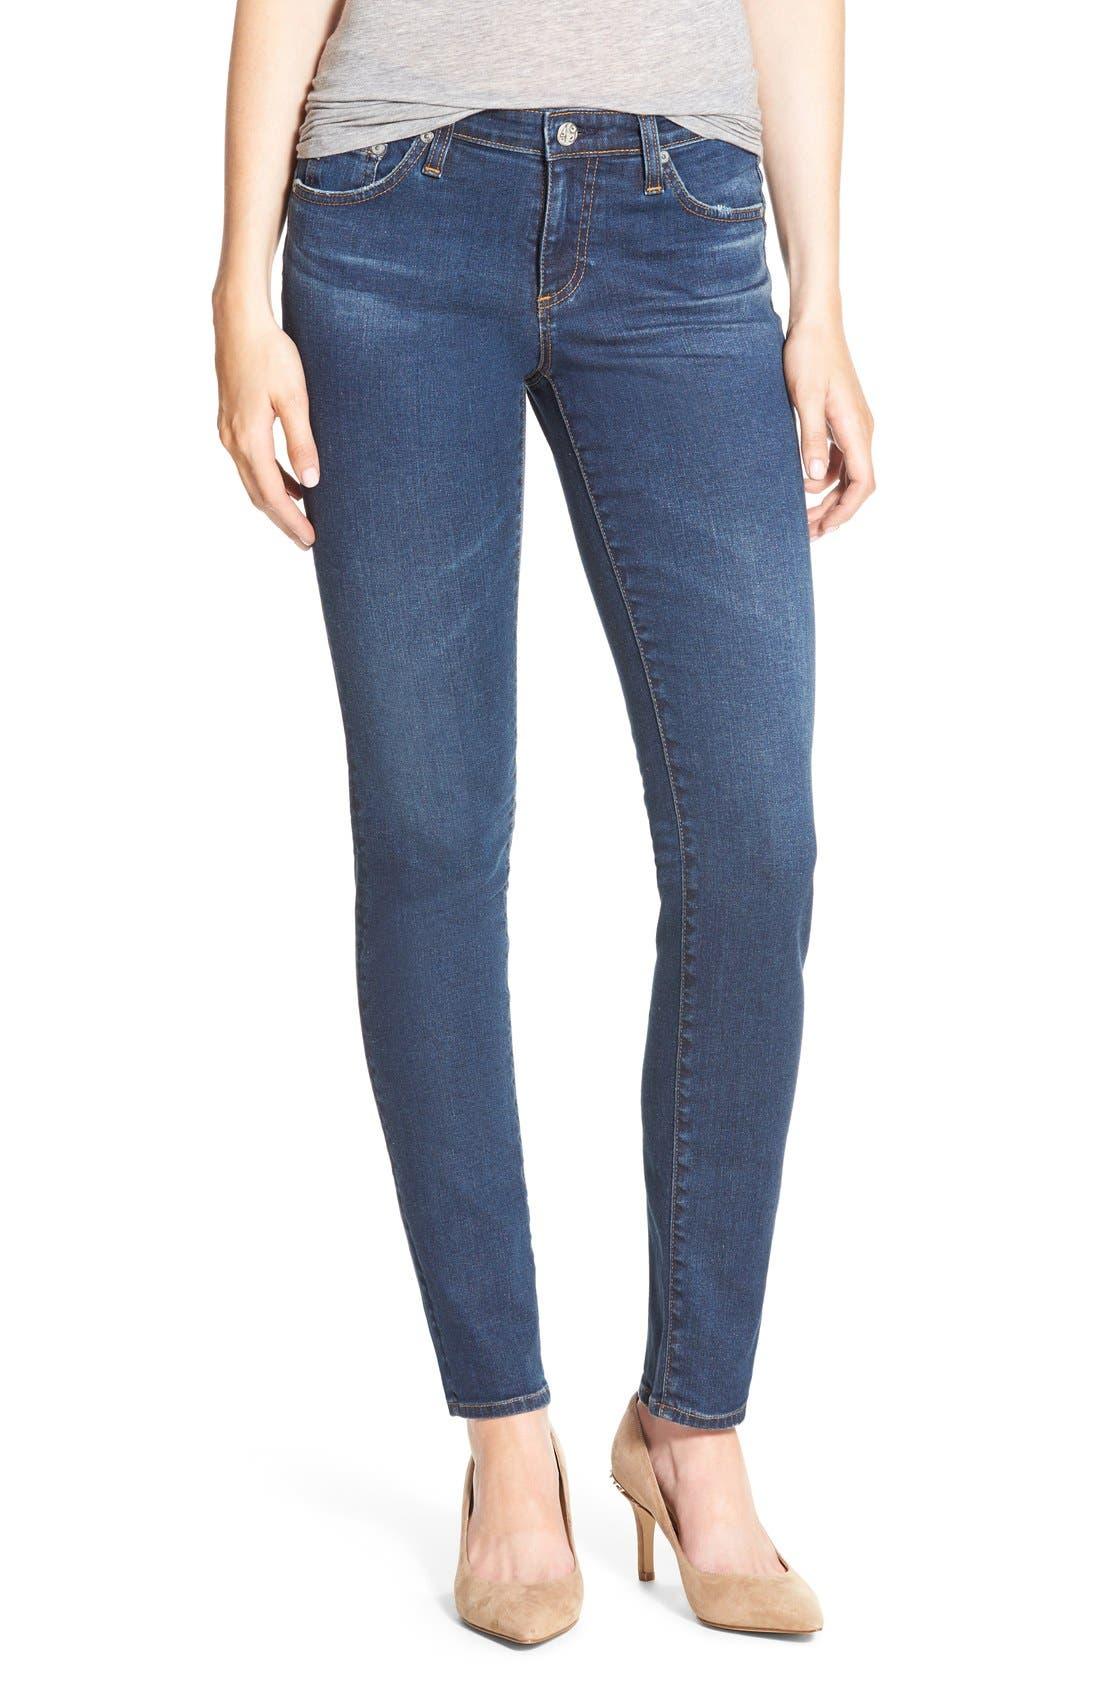 Alternate Image 1 Selected - AG 'The Stilt' Cigarette Leg Jeans (Workroom)